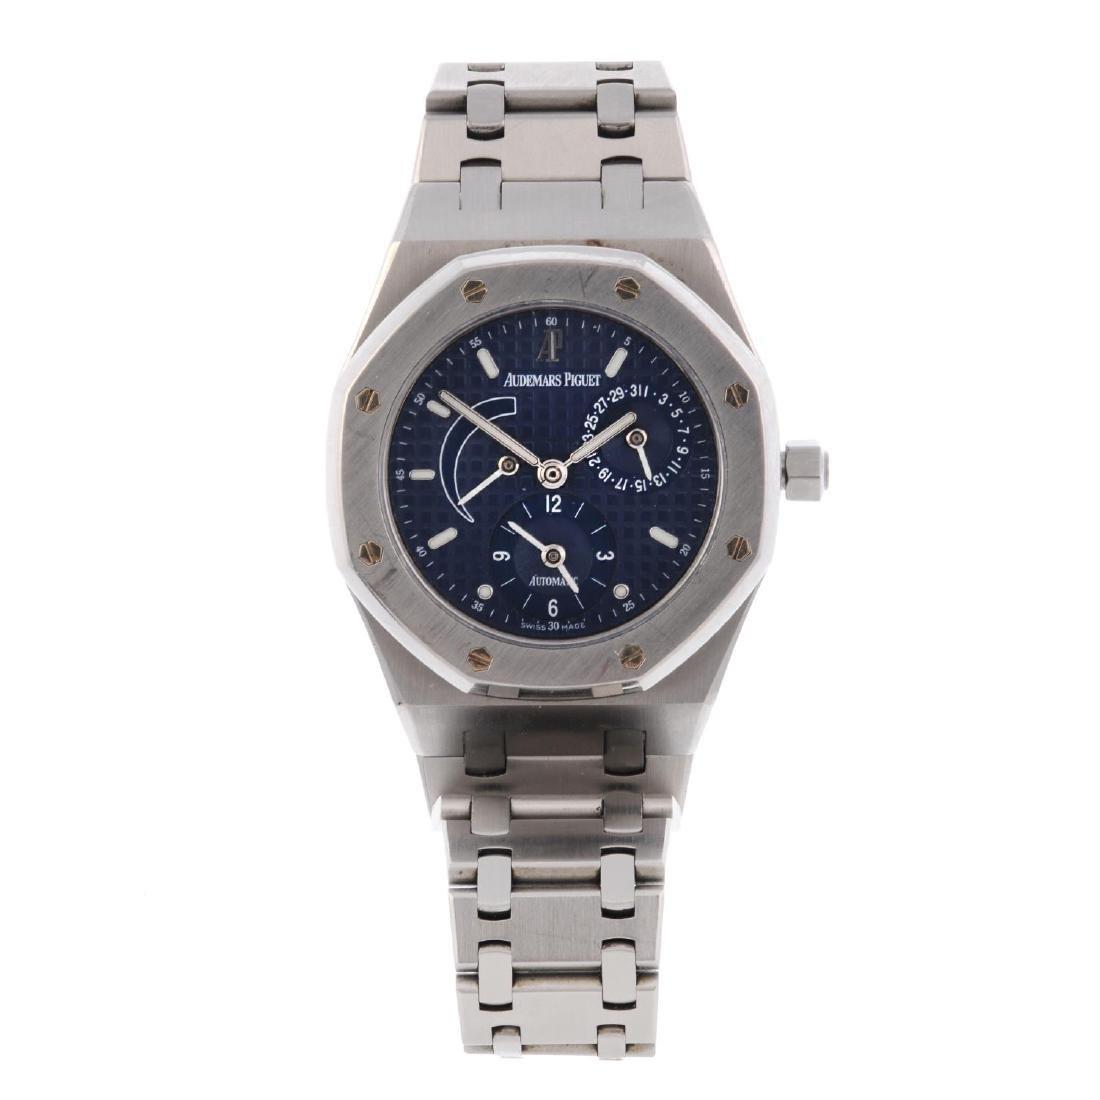 AUDEMARS PIGUET - a mid-size Royal Oak bracelet watch.